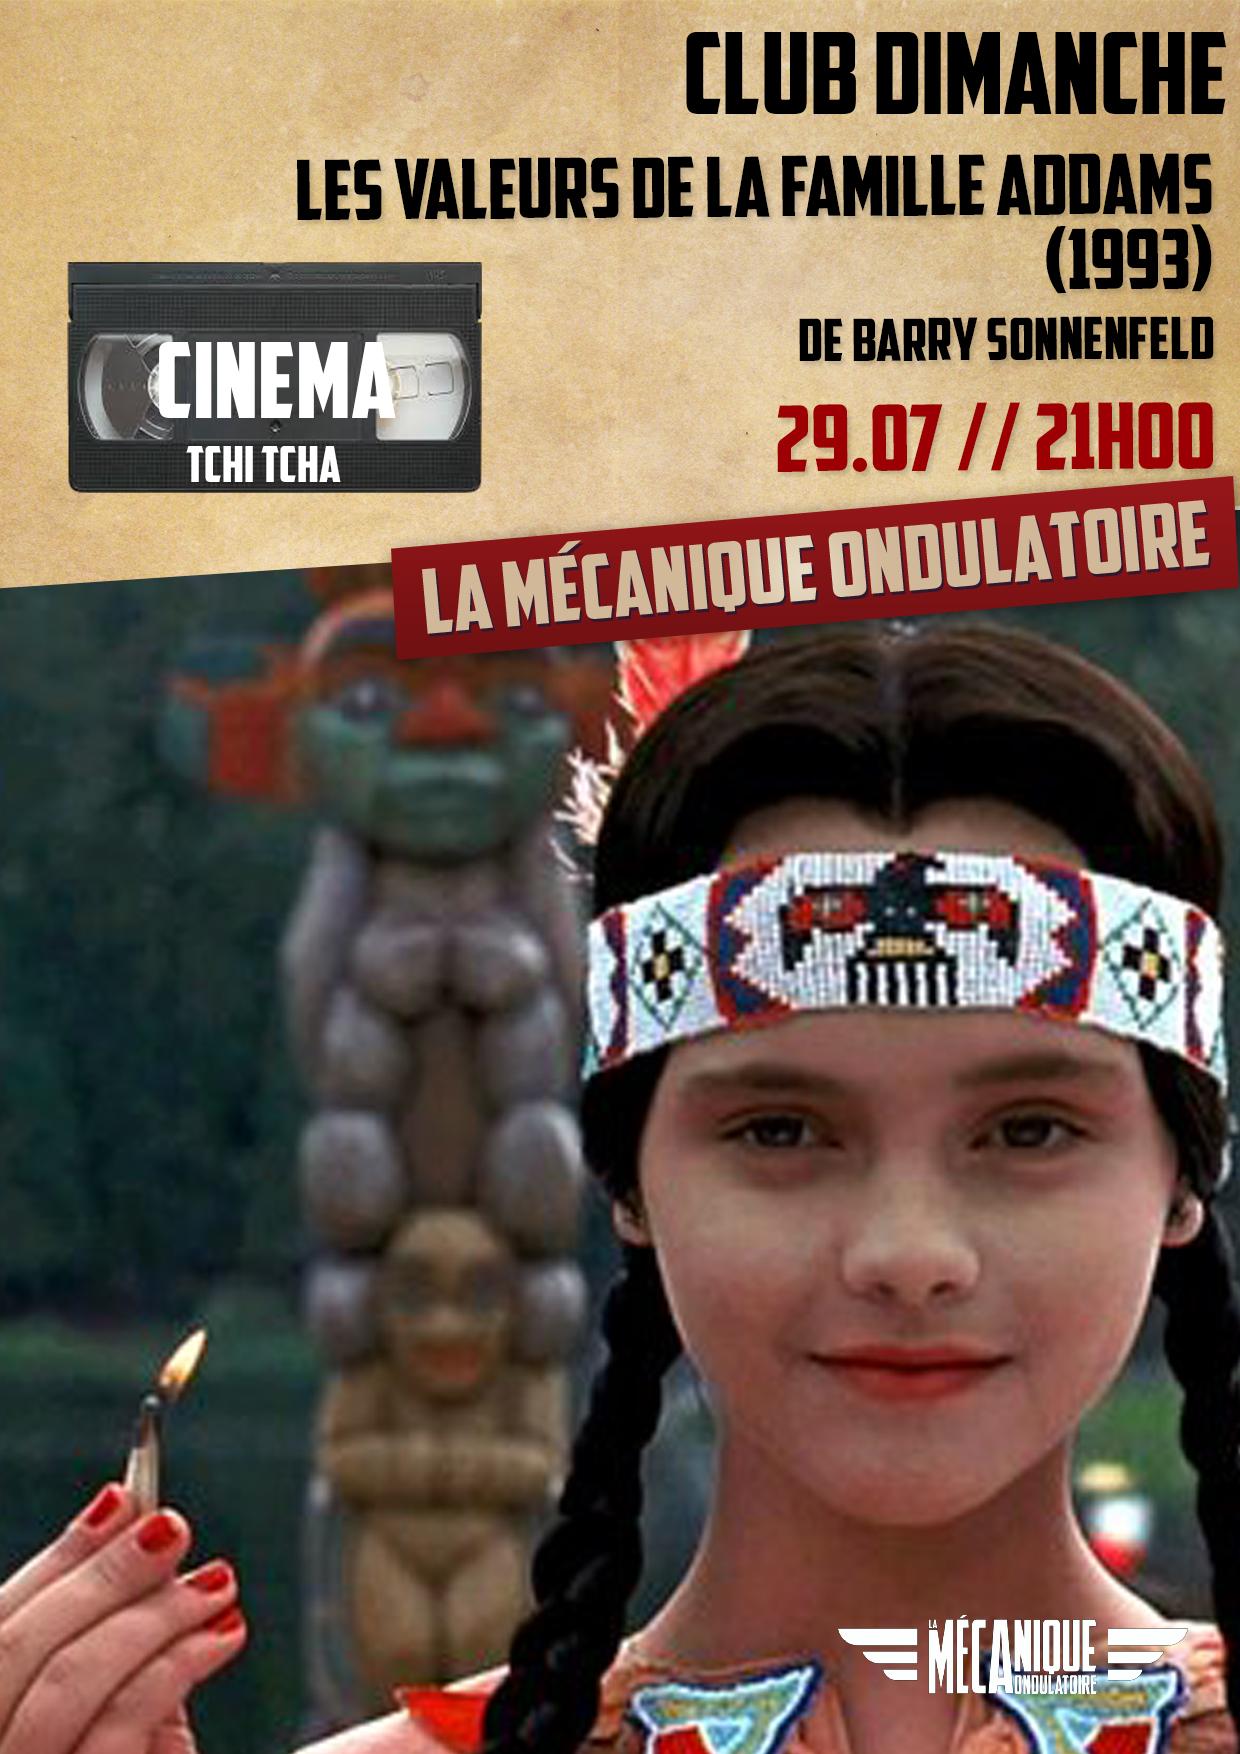 Club Dimanche / La Famille Addams / La Méca - 29.07